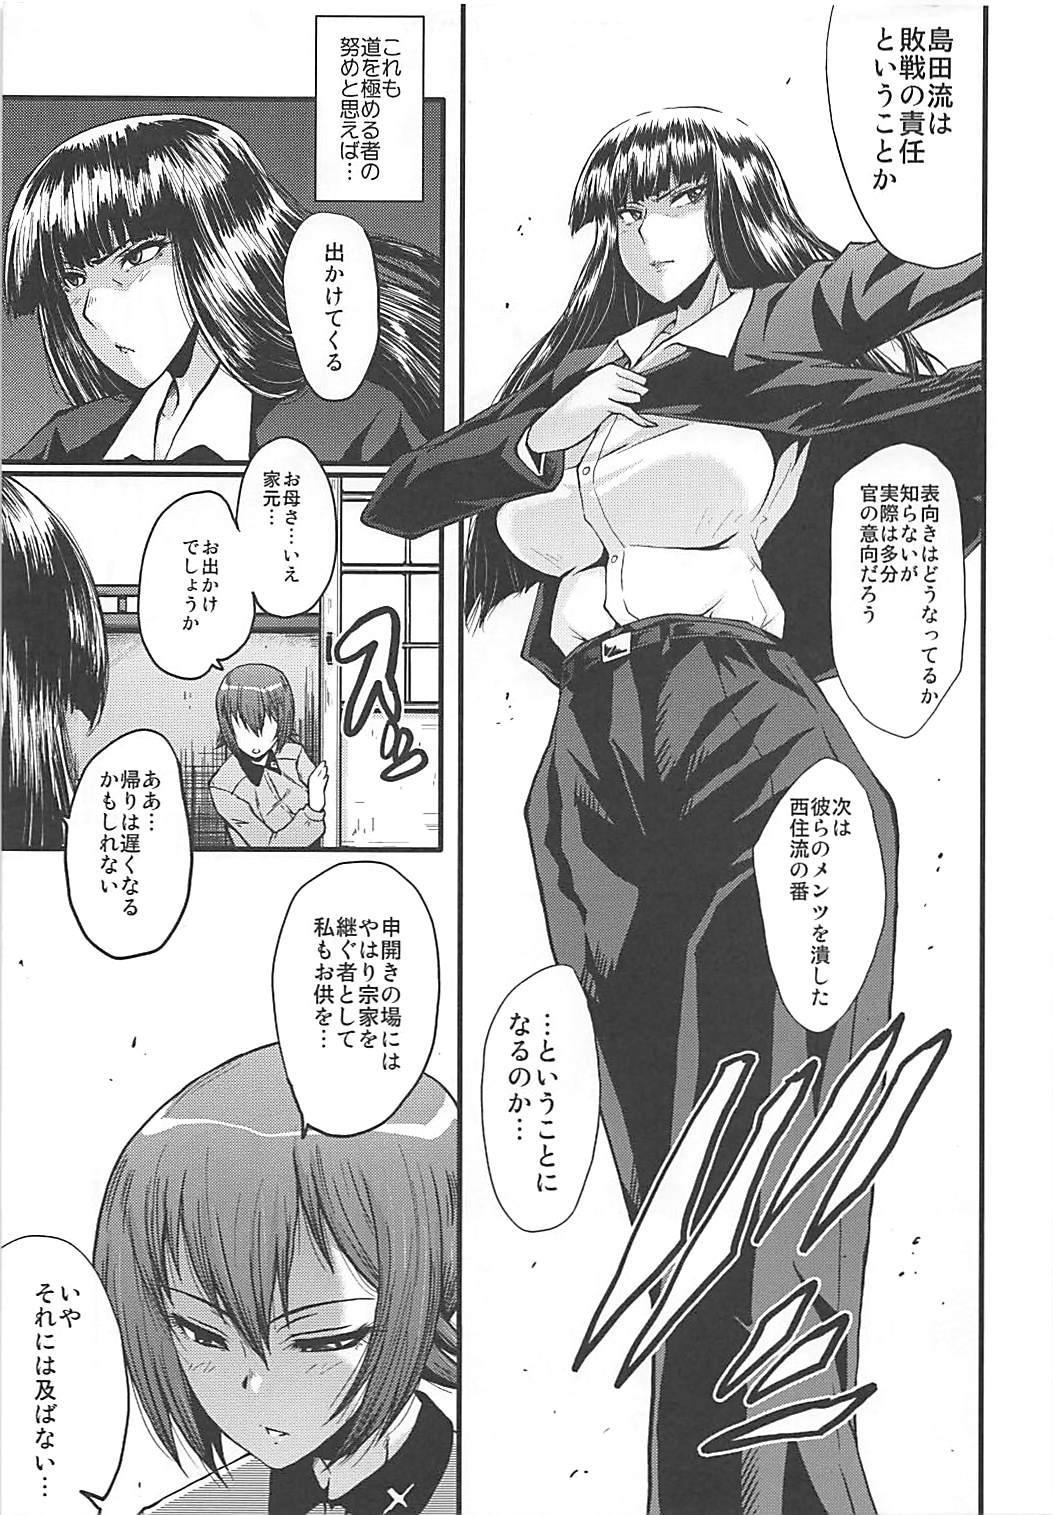 (C93) [Urakata Honpo (SINK)] Urabambi Vol. 56 ~Choubatsubou no Oyako Ana~ Bijin Oyako no Kimeseku Kairaku Jigoku~ (Girls und Panzer) 3